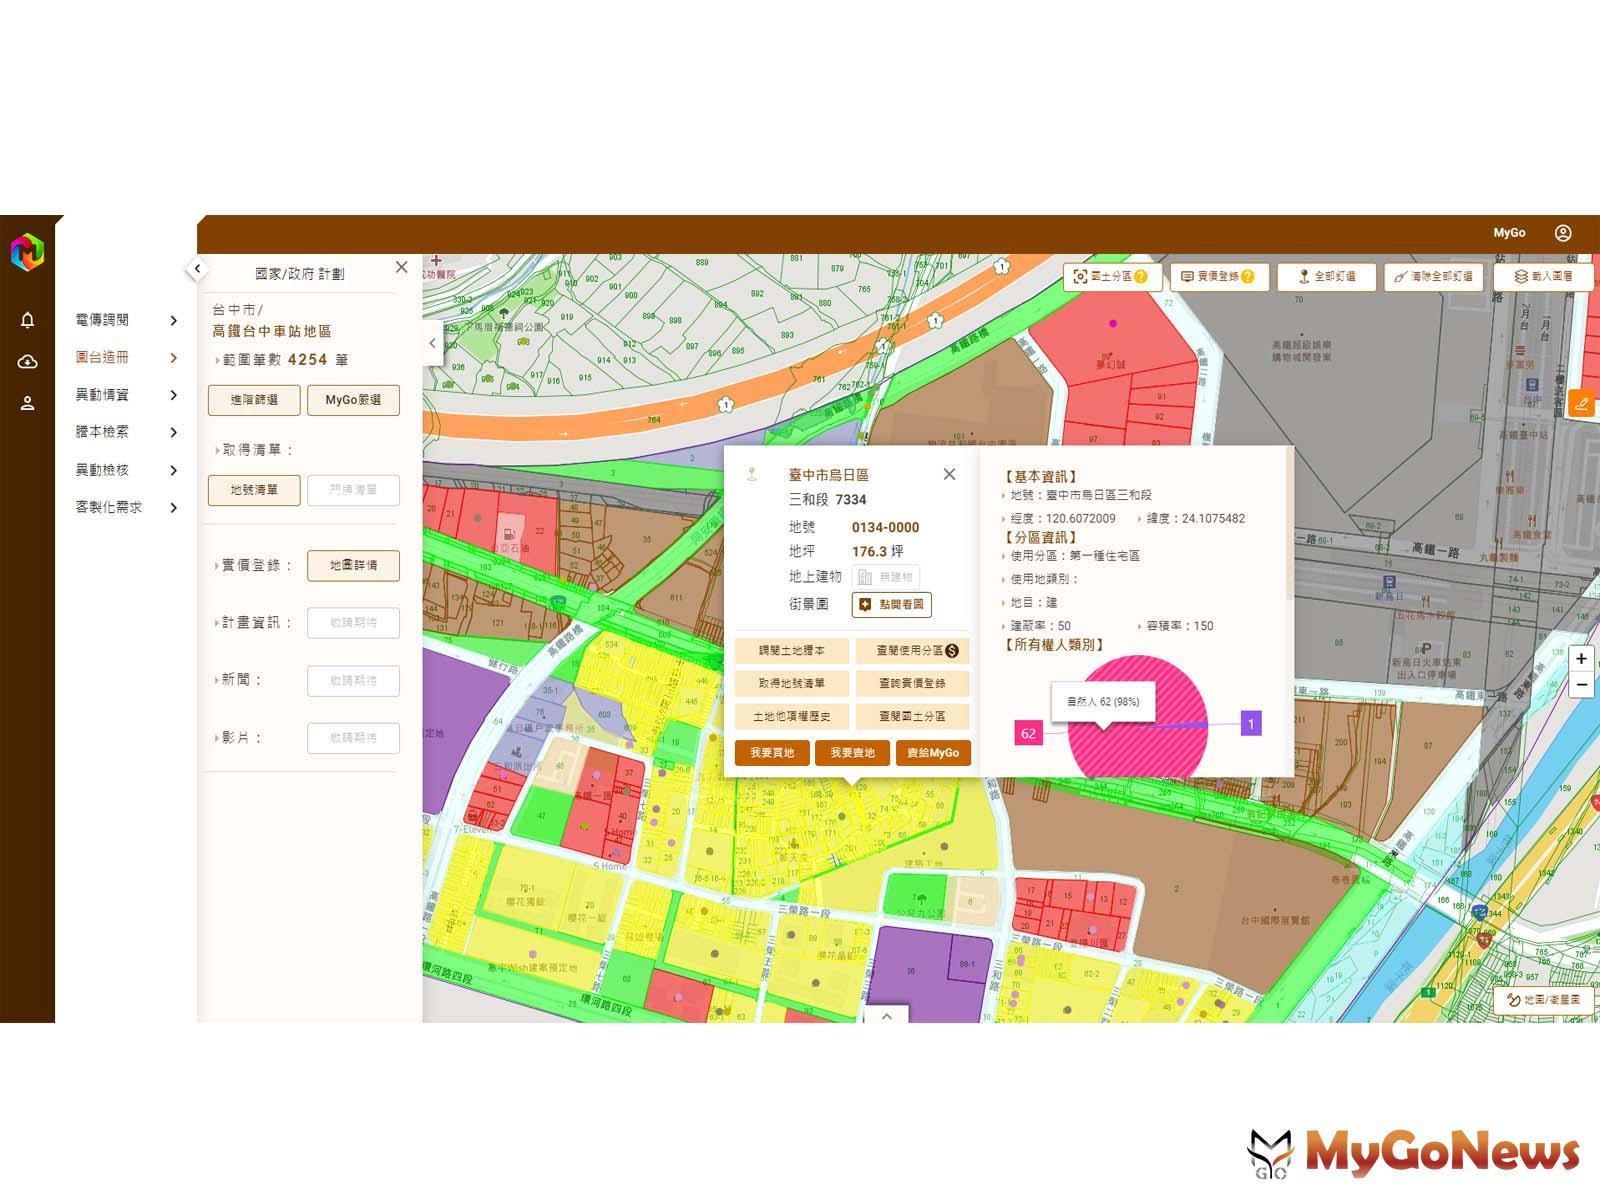 土地商機引爆,MyGo家族辦公室創設『AI土地大數據MyGoBigData』,為頂層家族精挑台灣商機土地 MyGoNews房地產新聞 市場快訊